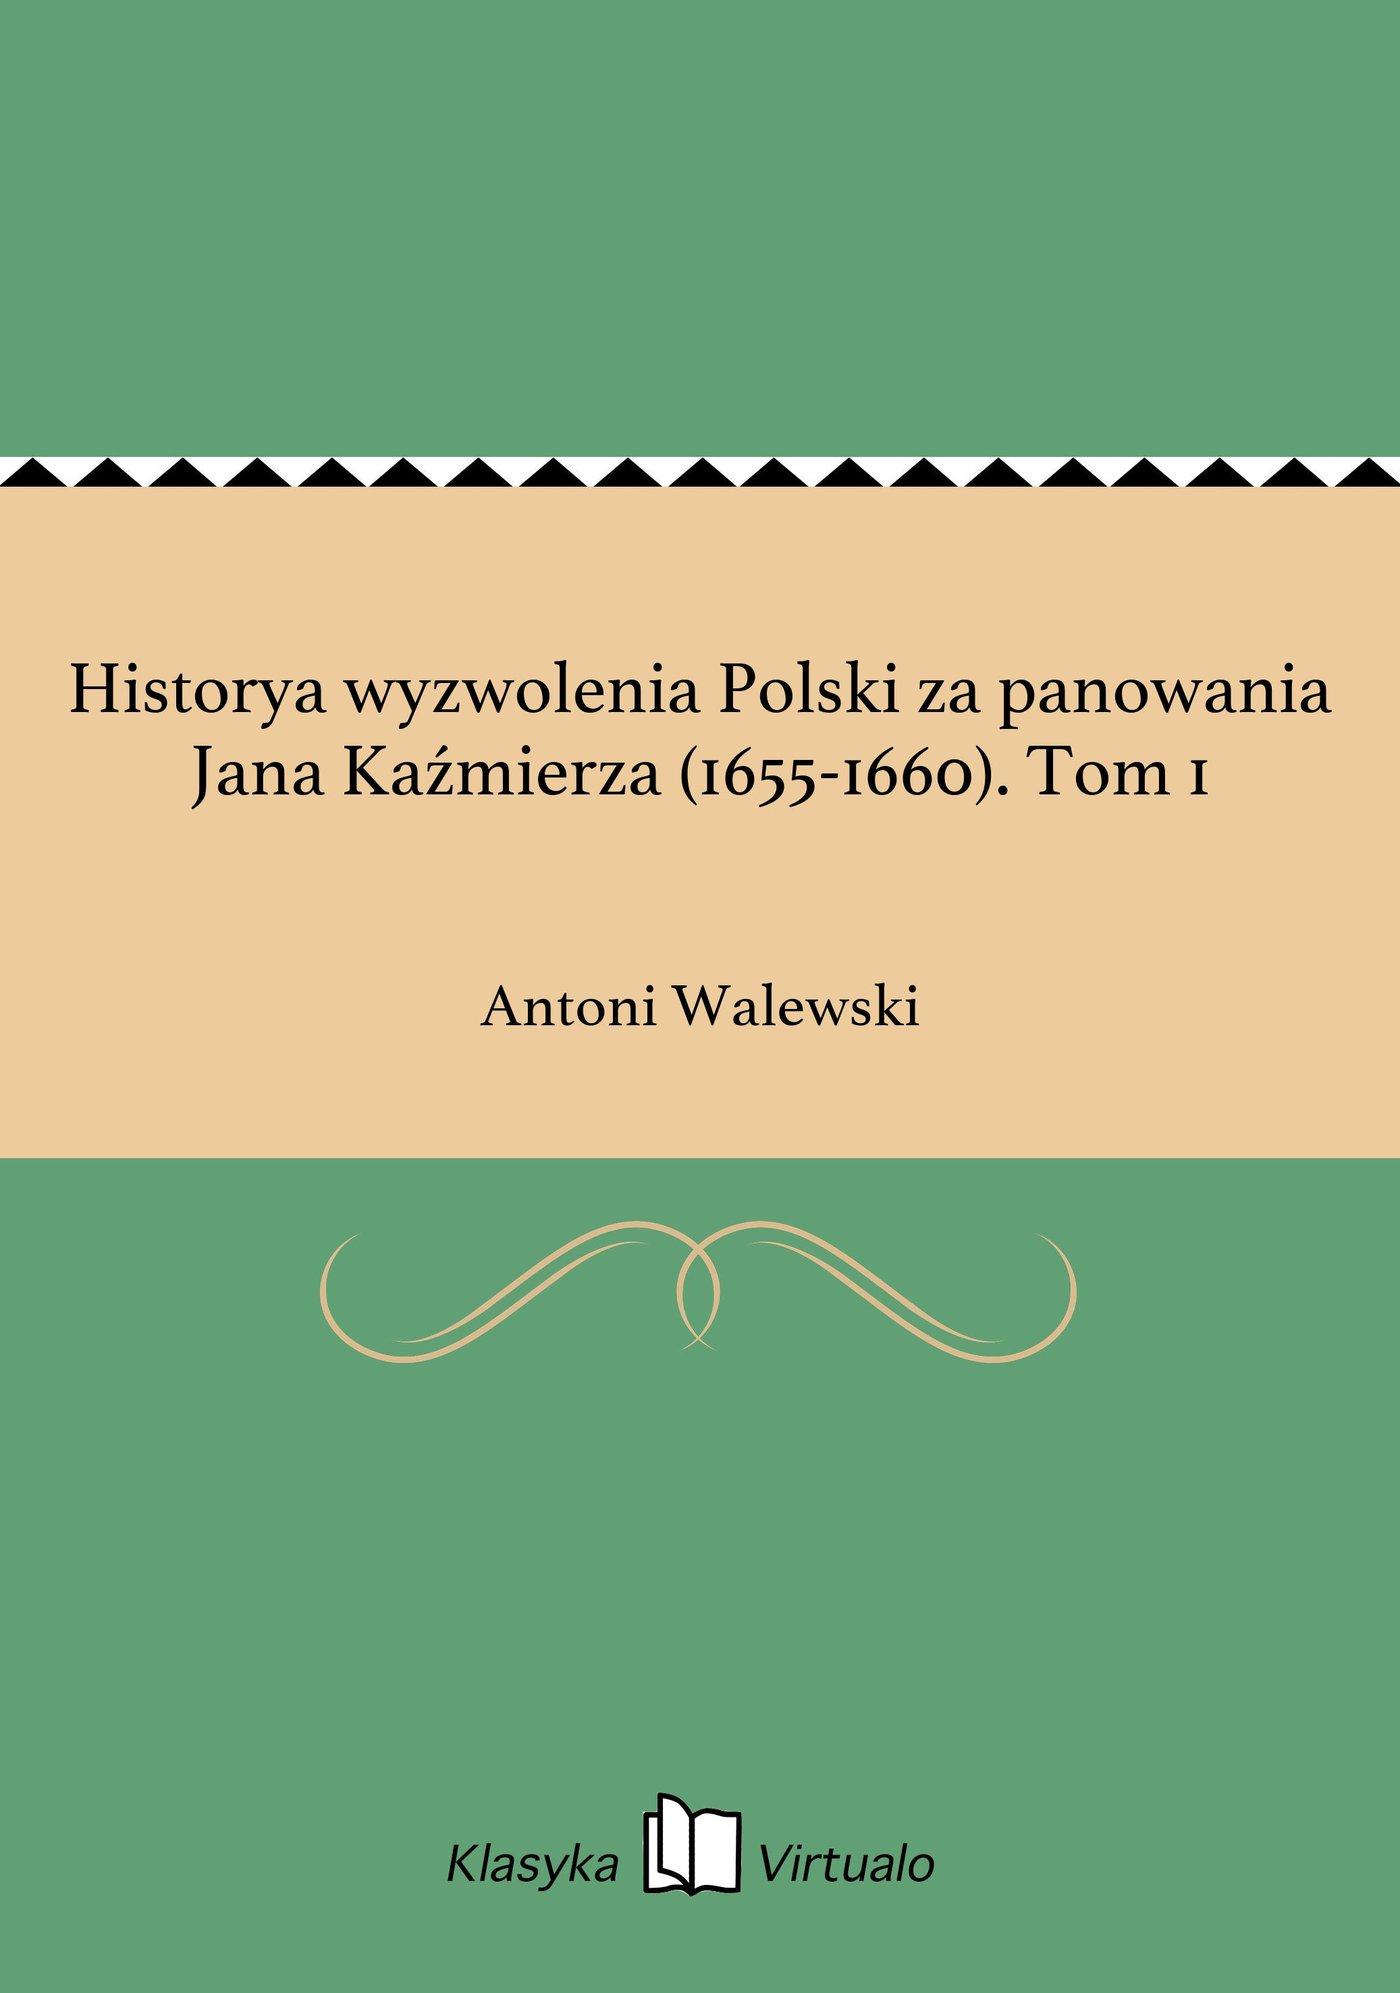 Historya wyzwolenia Polski za panowania Jana Kaźmierza (1655-1660). Tom 1 - Ebook (Książka EPUB) do pobrania w formacie EPUB